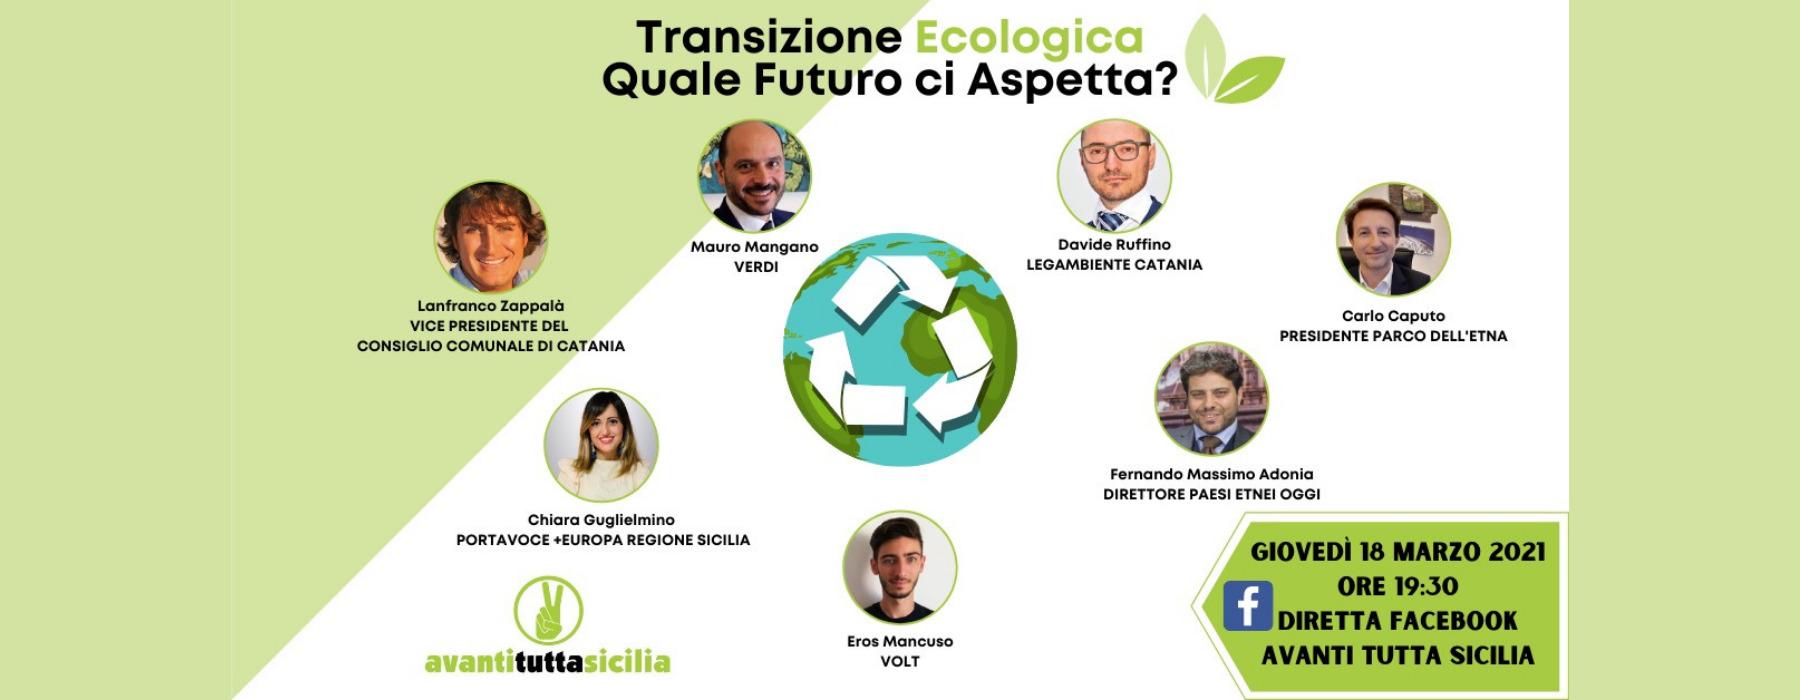 Transizione ecologica, quale futuro ci aspetta?